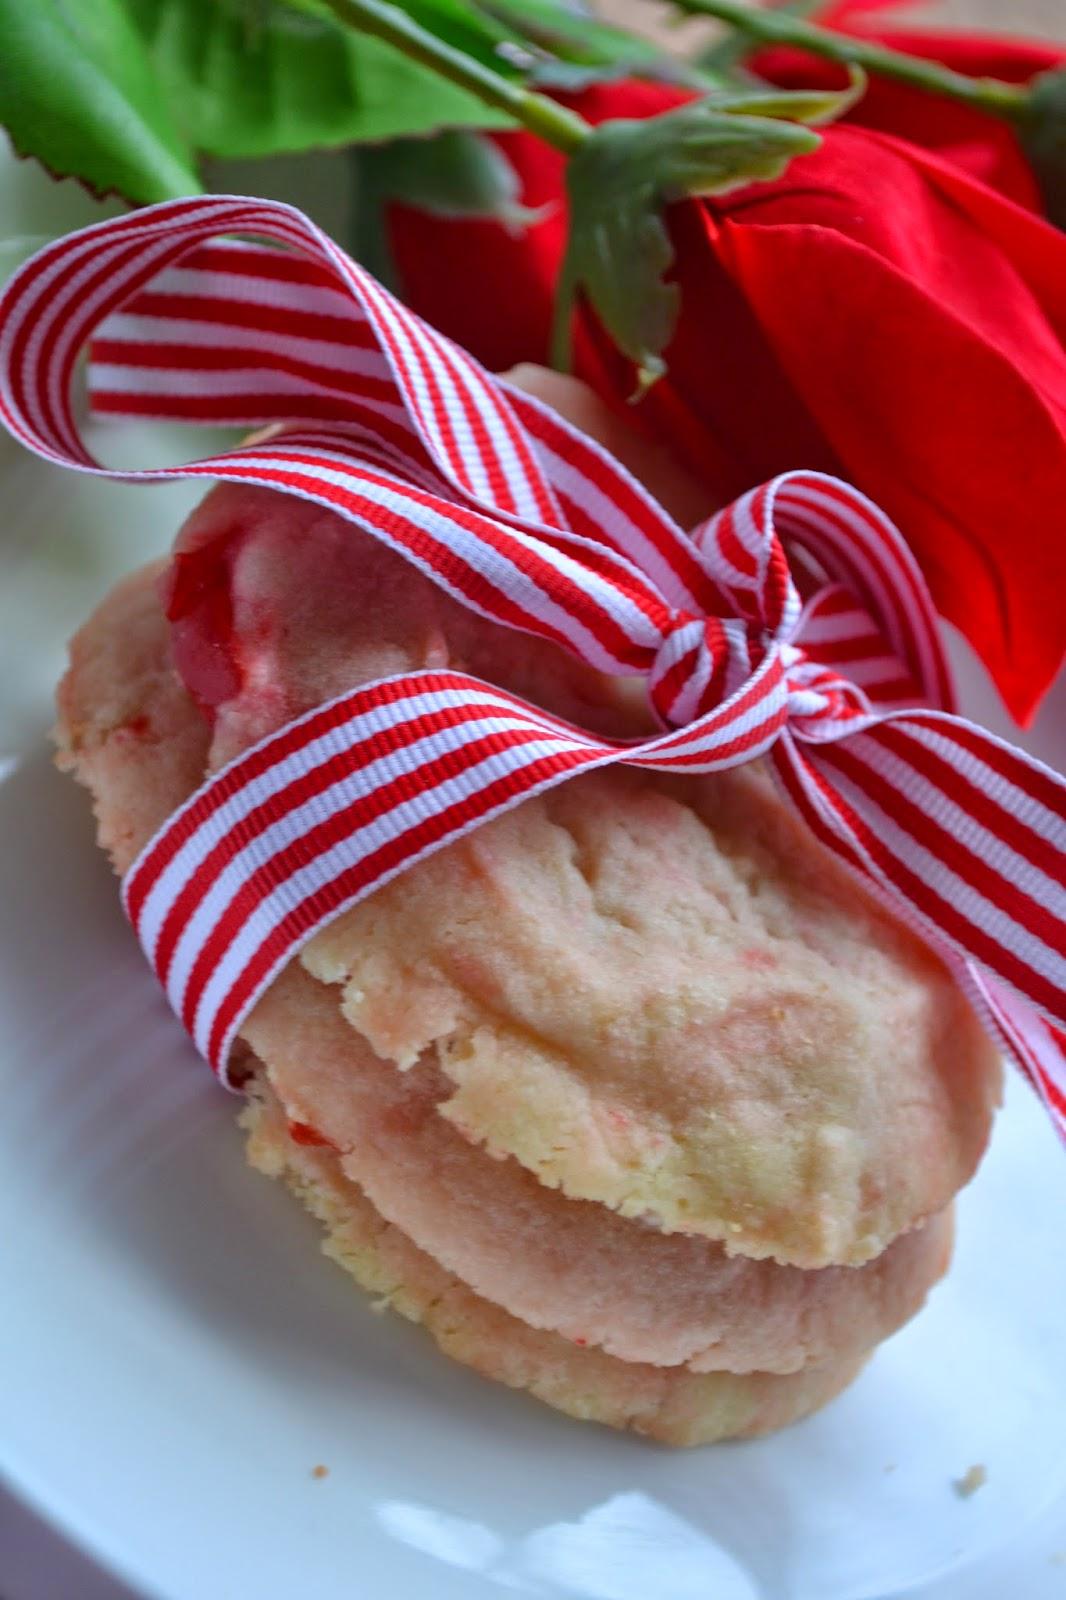 #FoodieExtravaganza ~ Chocolate and Maraschino Cherry ...